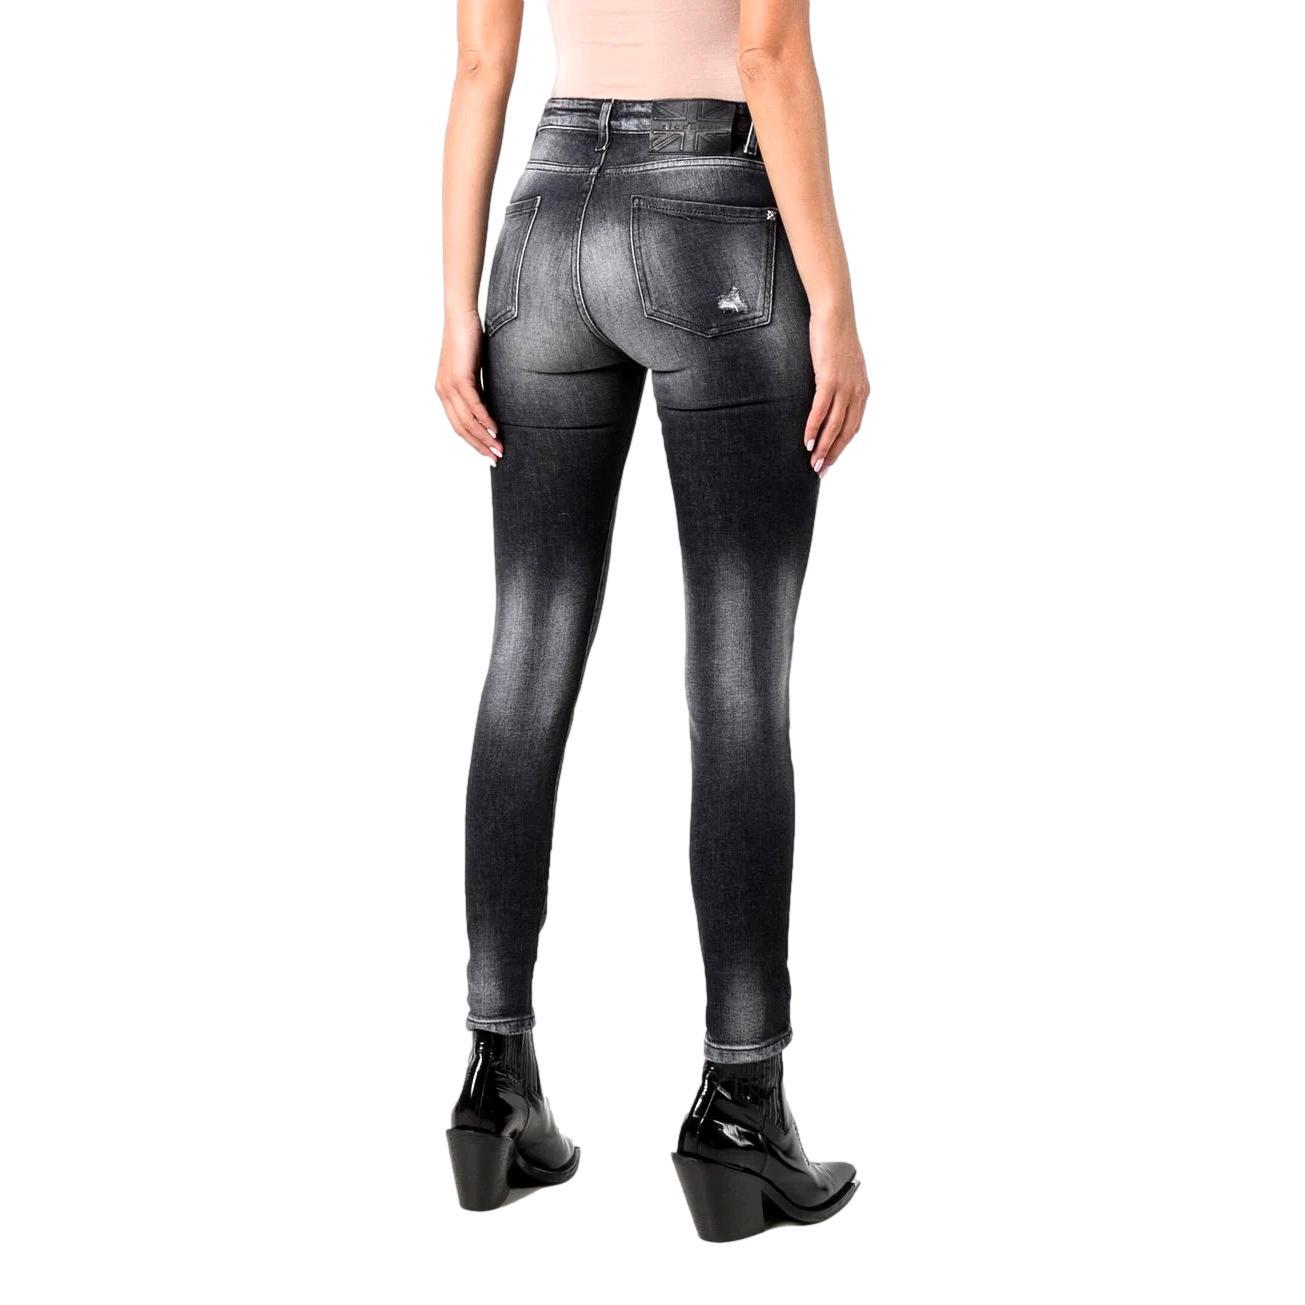 Jeans skinny Richmond RICHMOND JOHN |  | RWA21158JE 9GDENIM